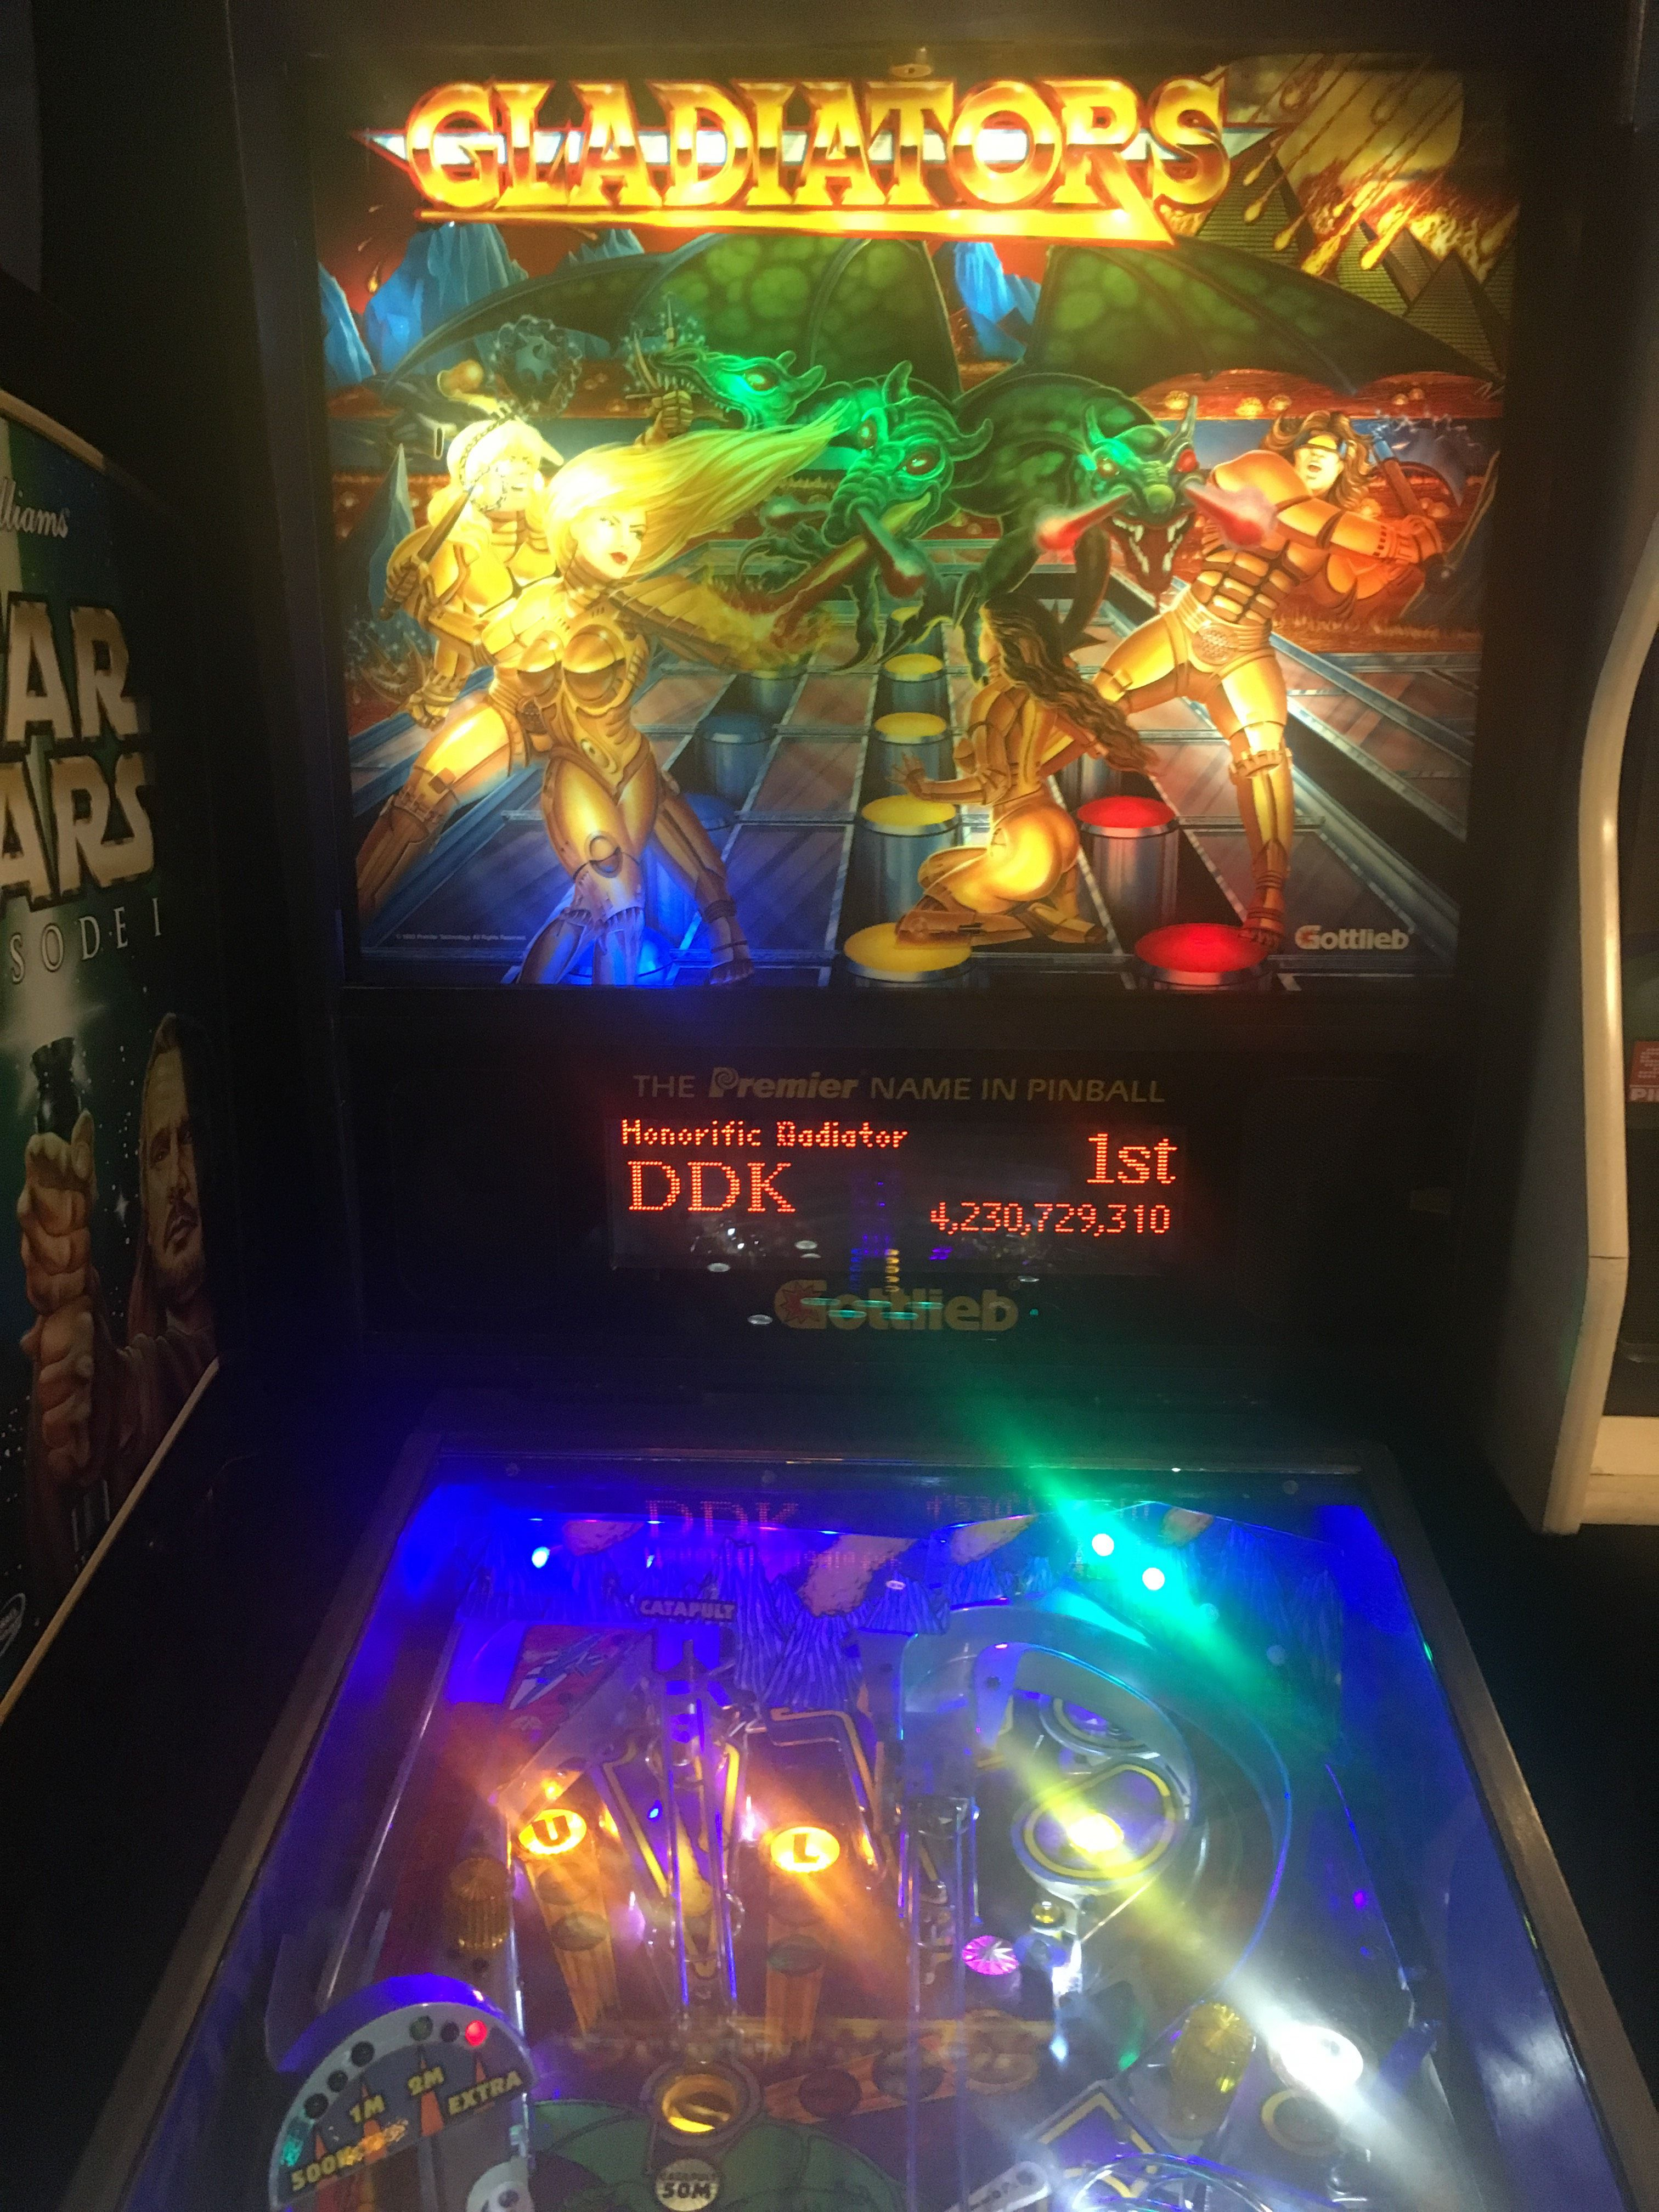 Pin By Dav K On Awesome Pinball And Arcade Pinball Arcade Games